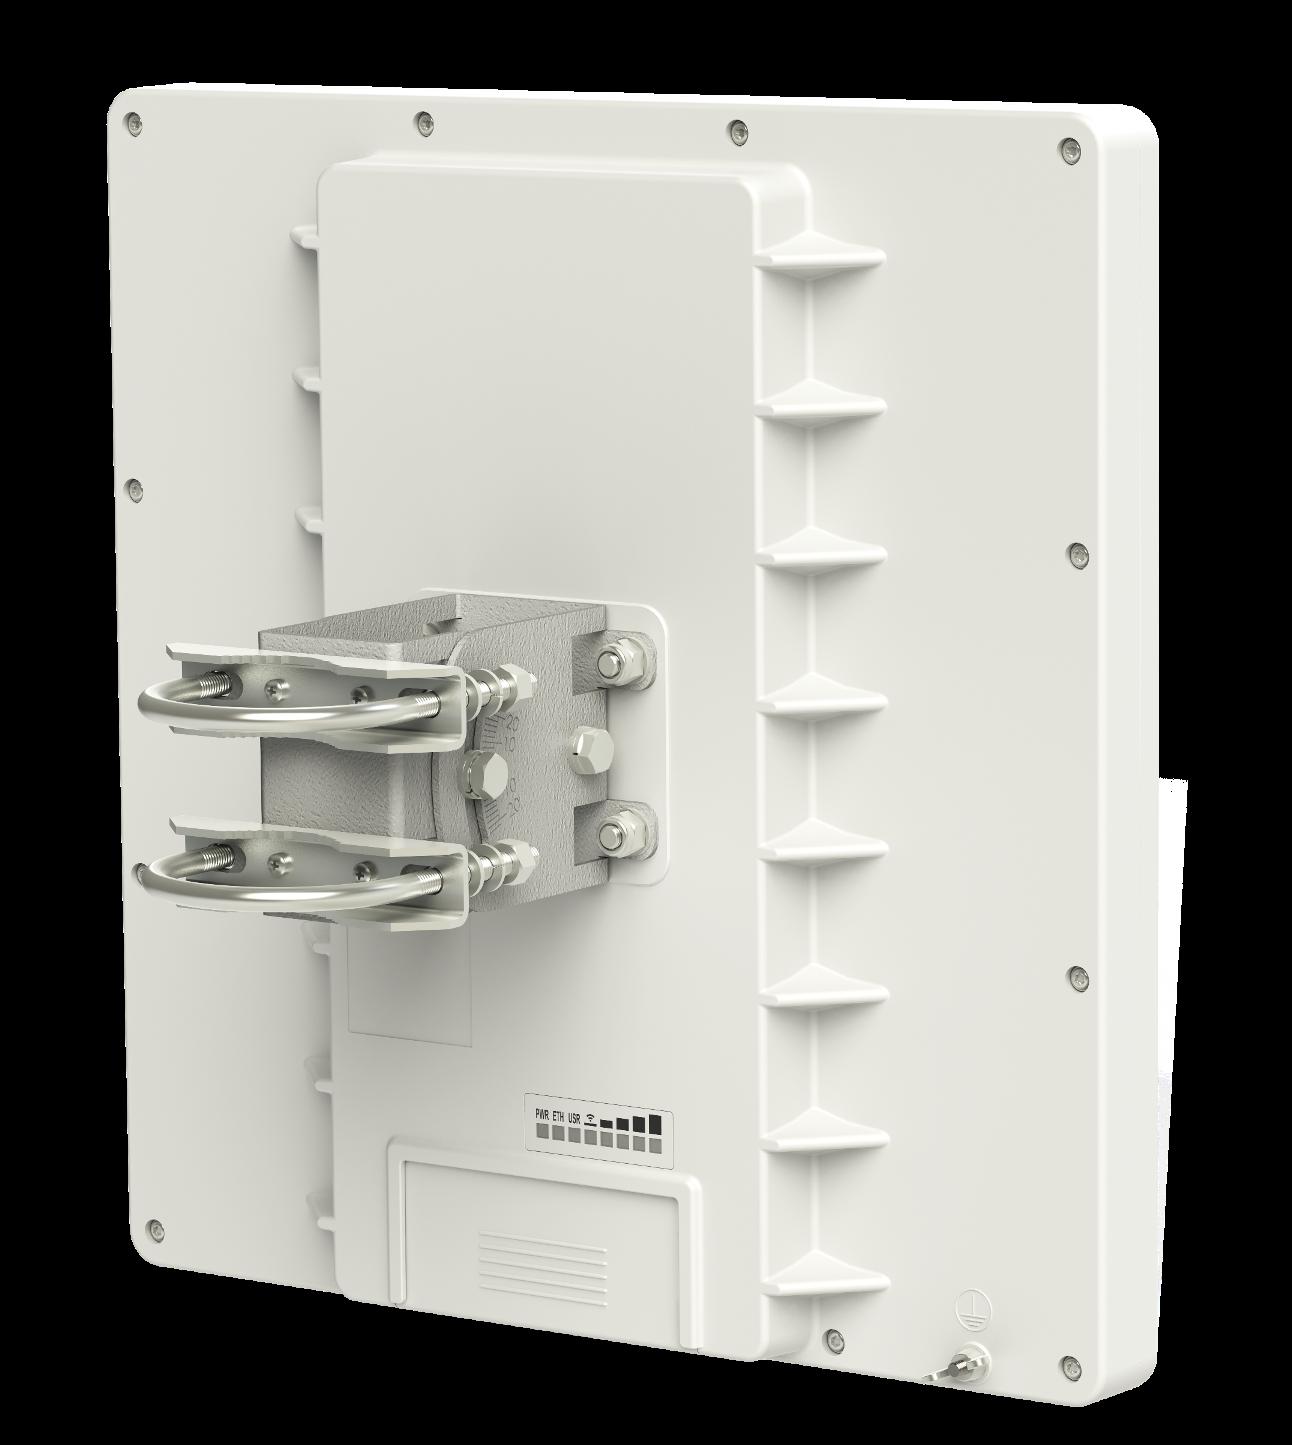 MikroTik QRT-2 RouterBOARD, 17dBi, L4